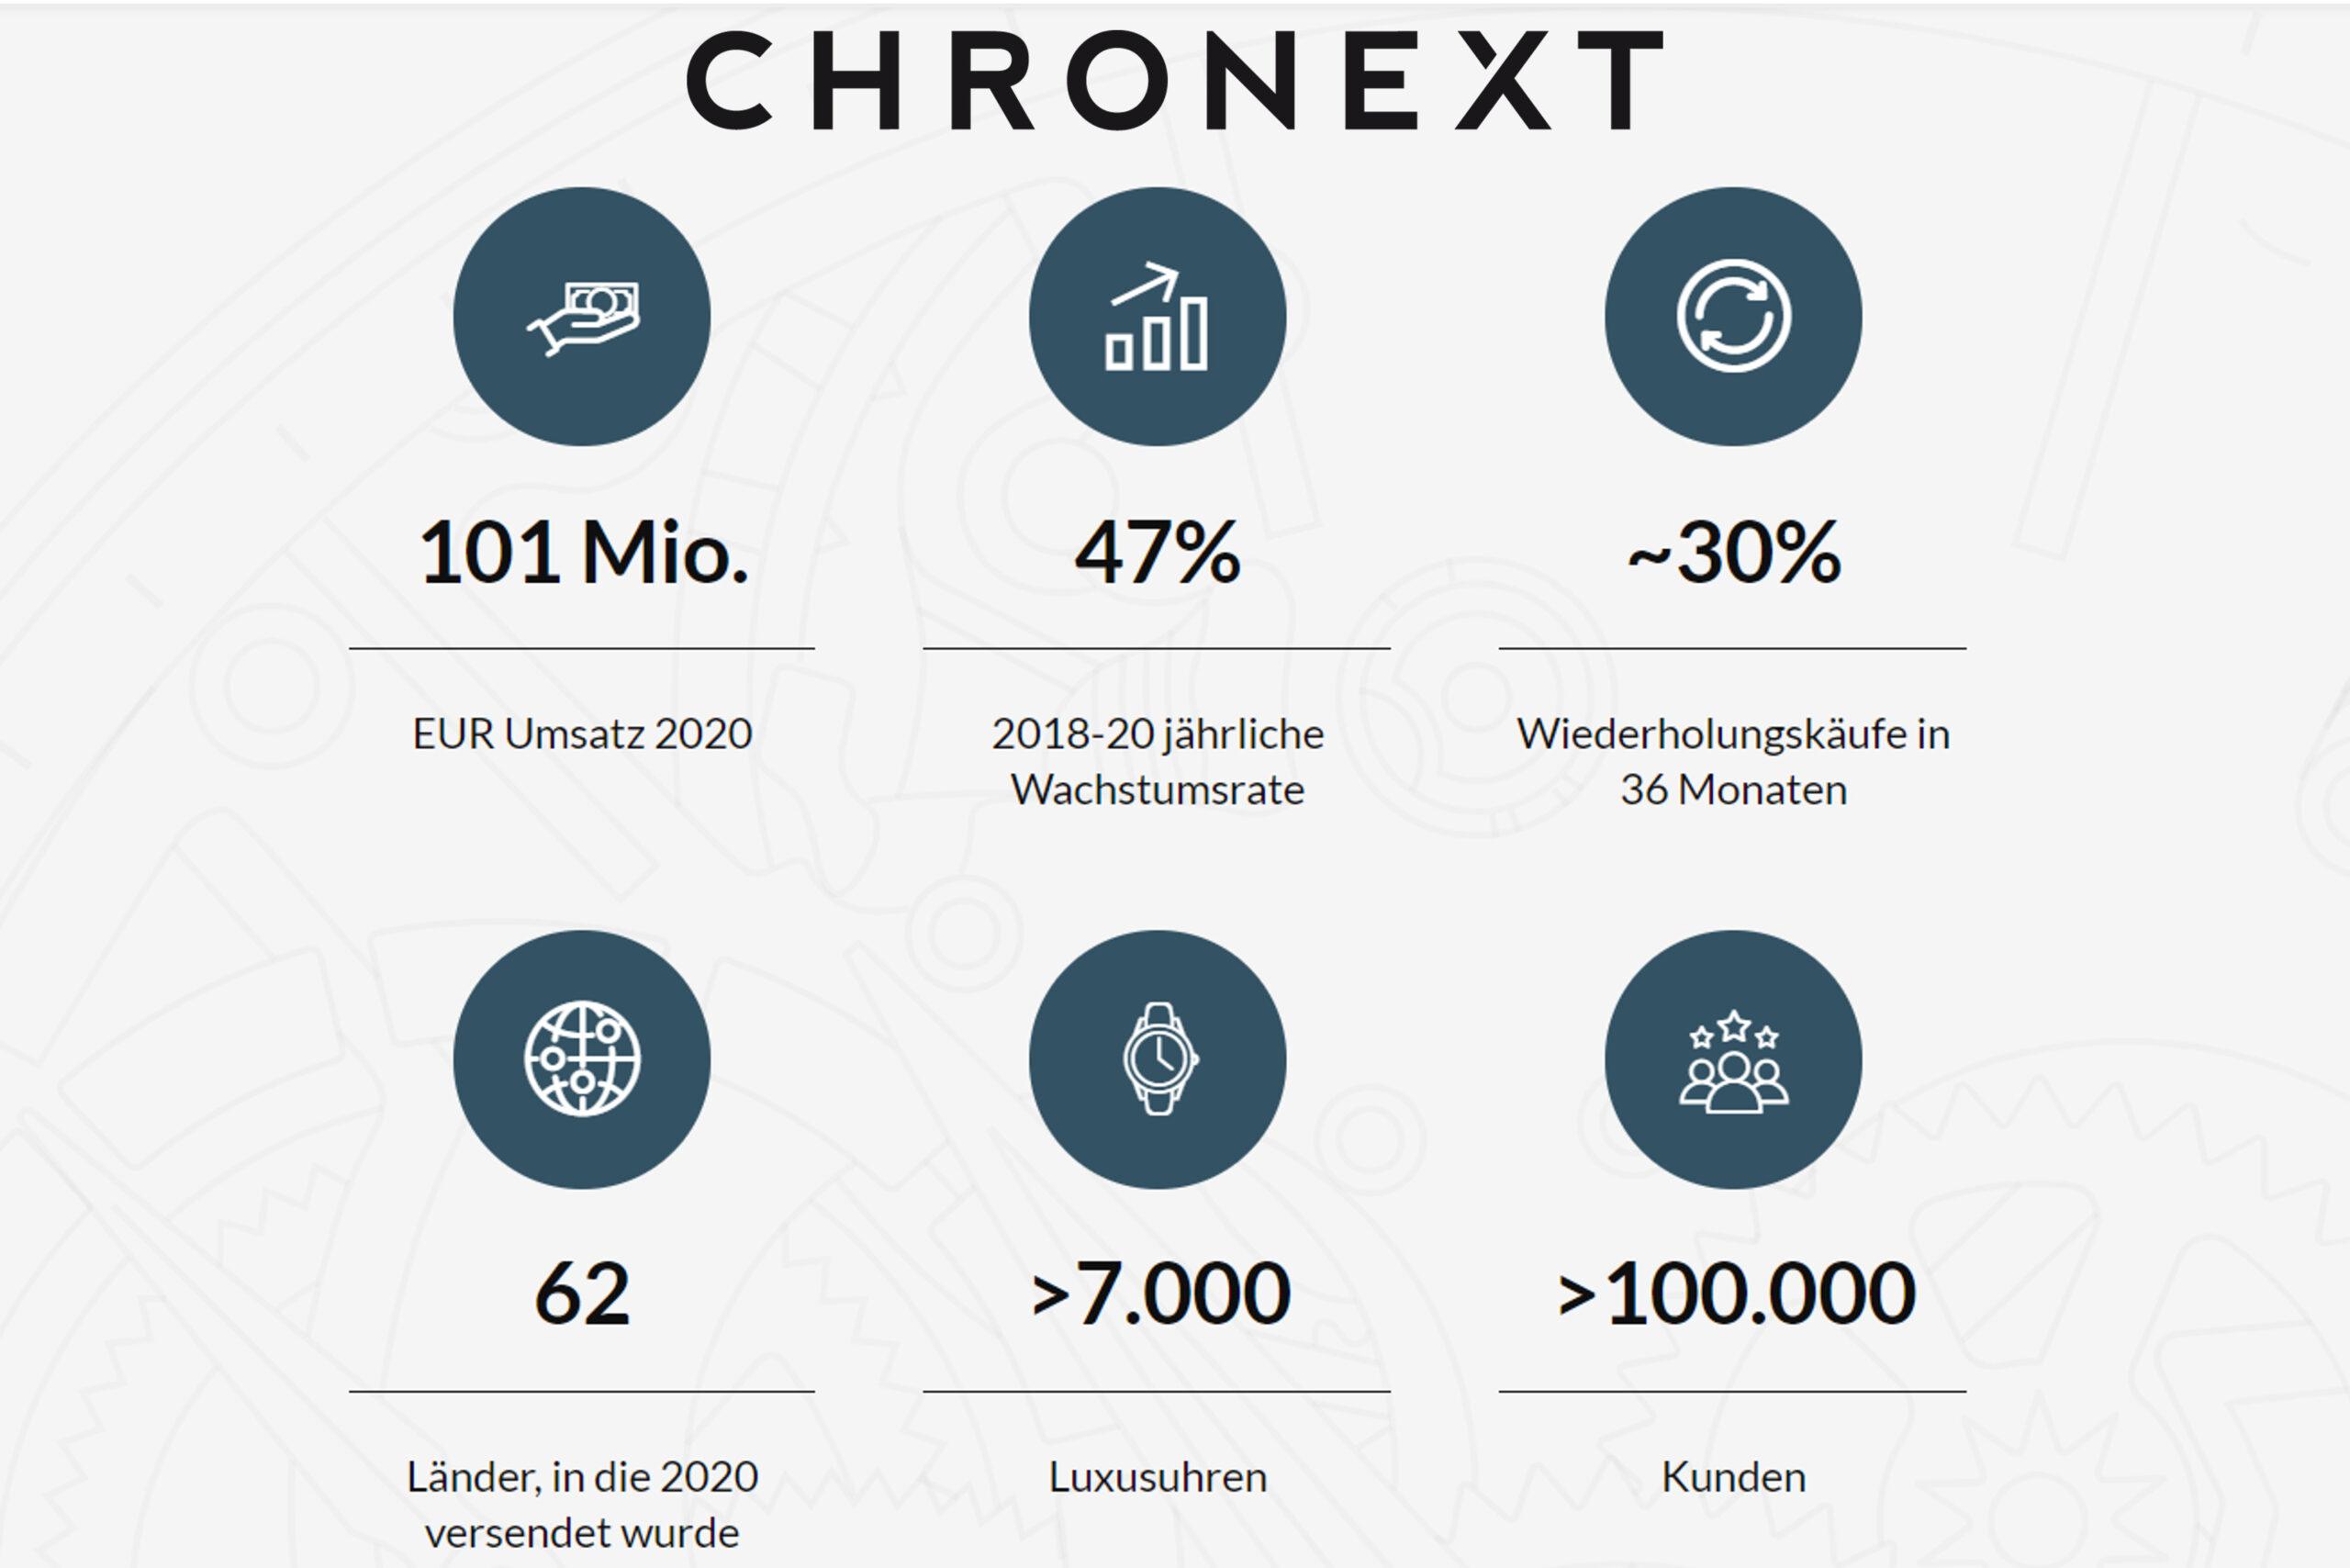 KPIs zum geplanten IPO von Chronext - Quelle: Chronext